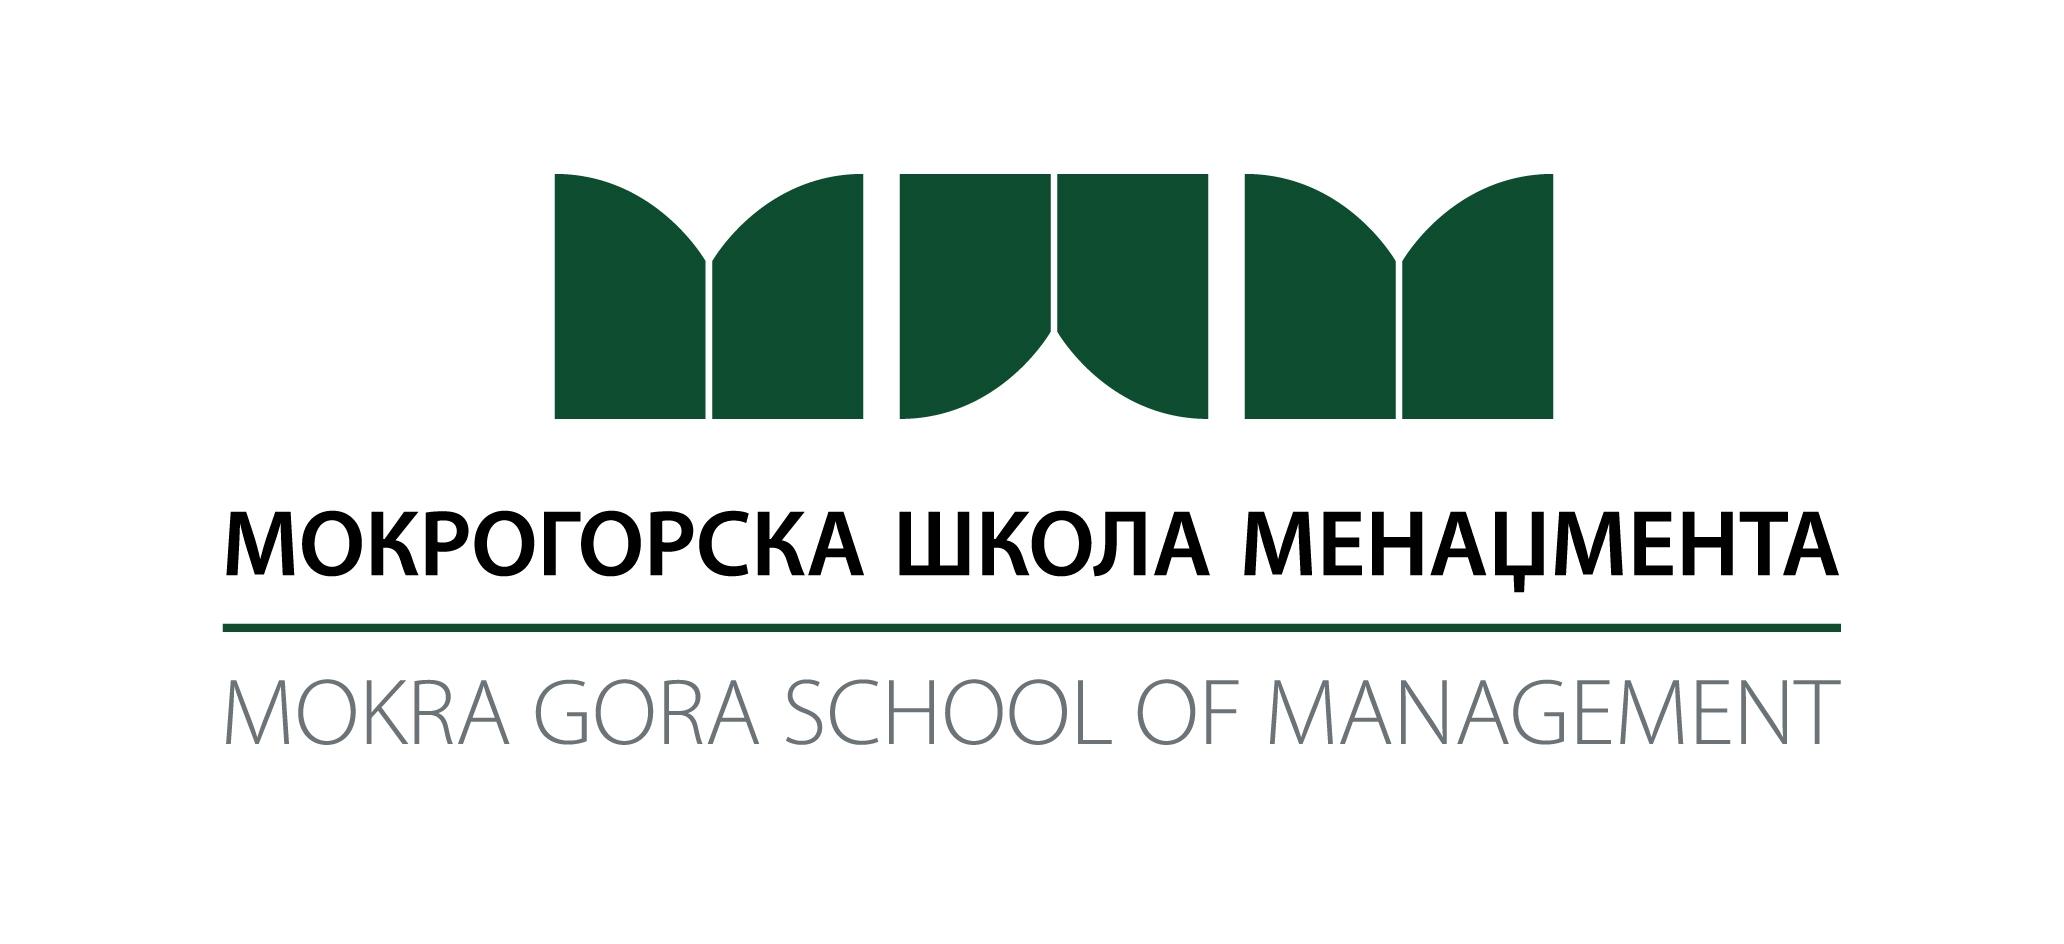 Mokrogorska škola menadžmenta d.o.o.